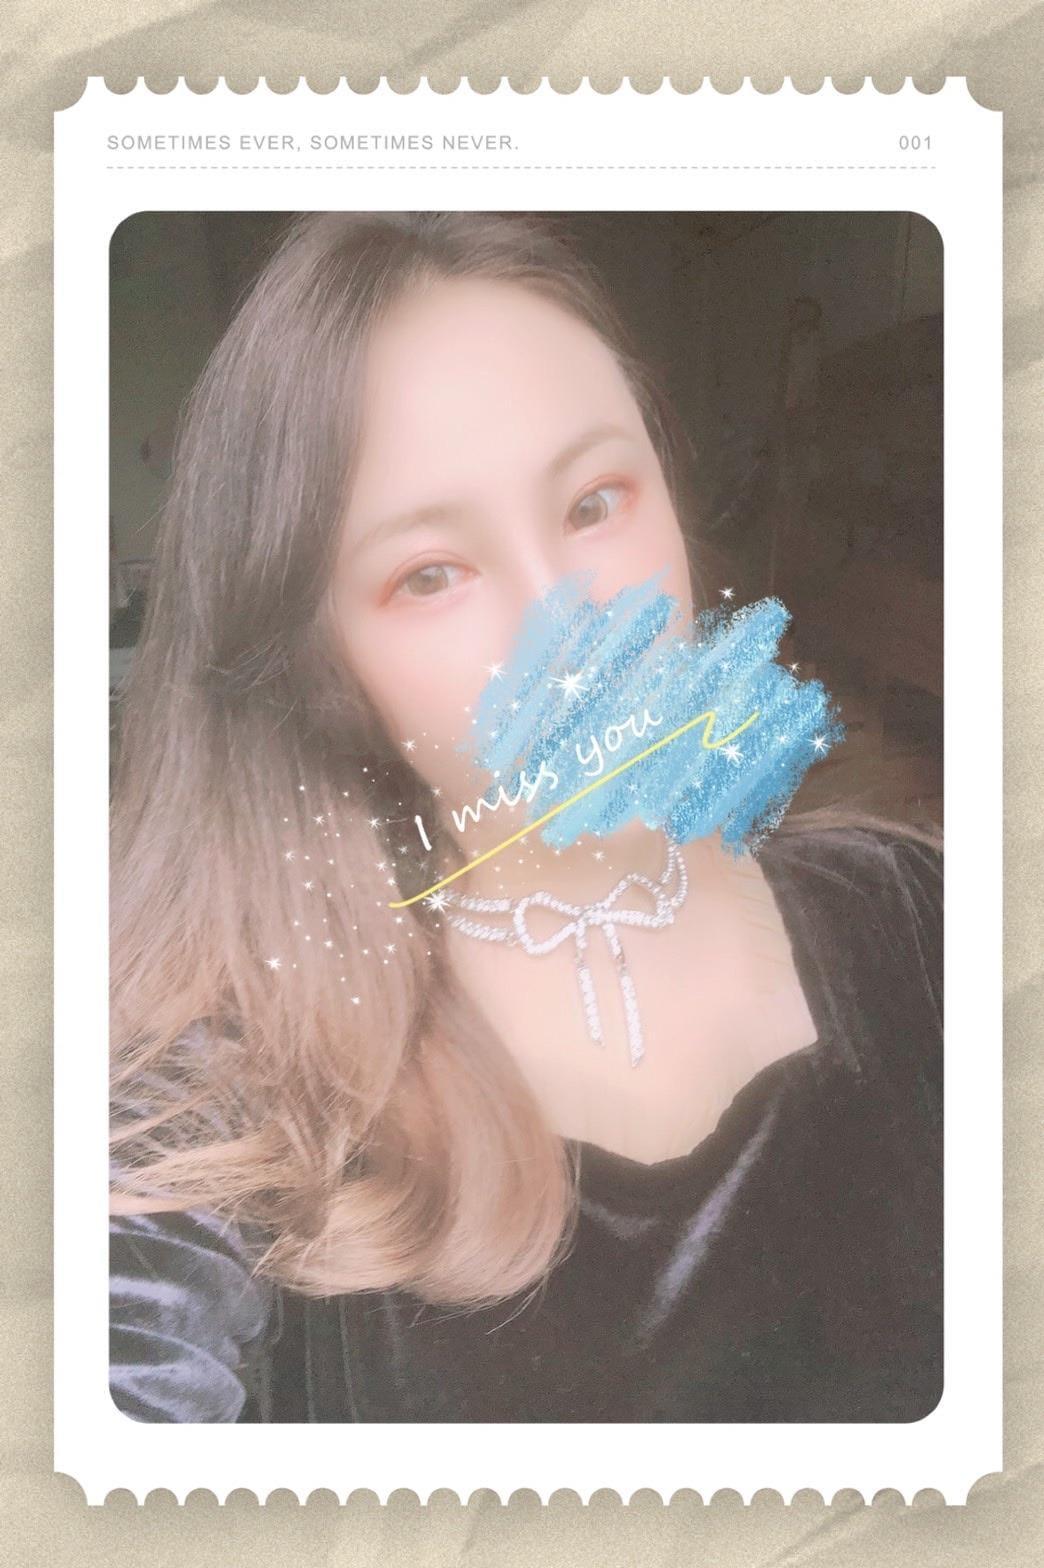 「よろしくね」09/26(土) 13:49 | せいらの写メ・風俗動画